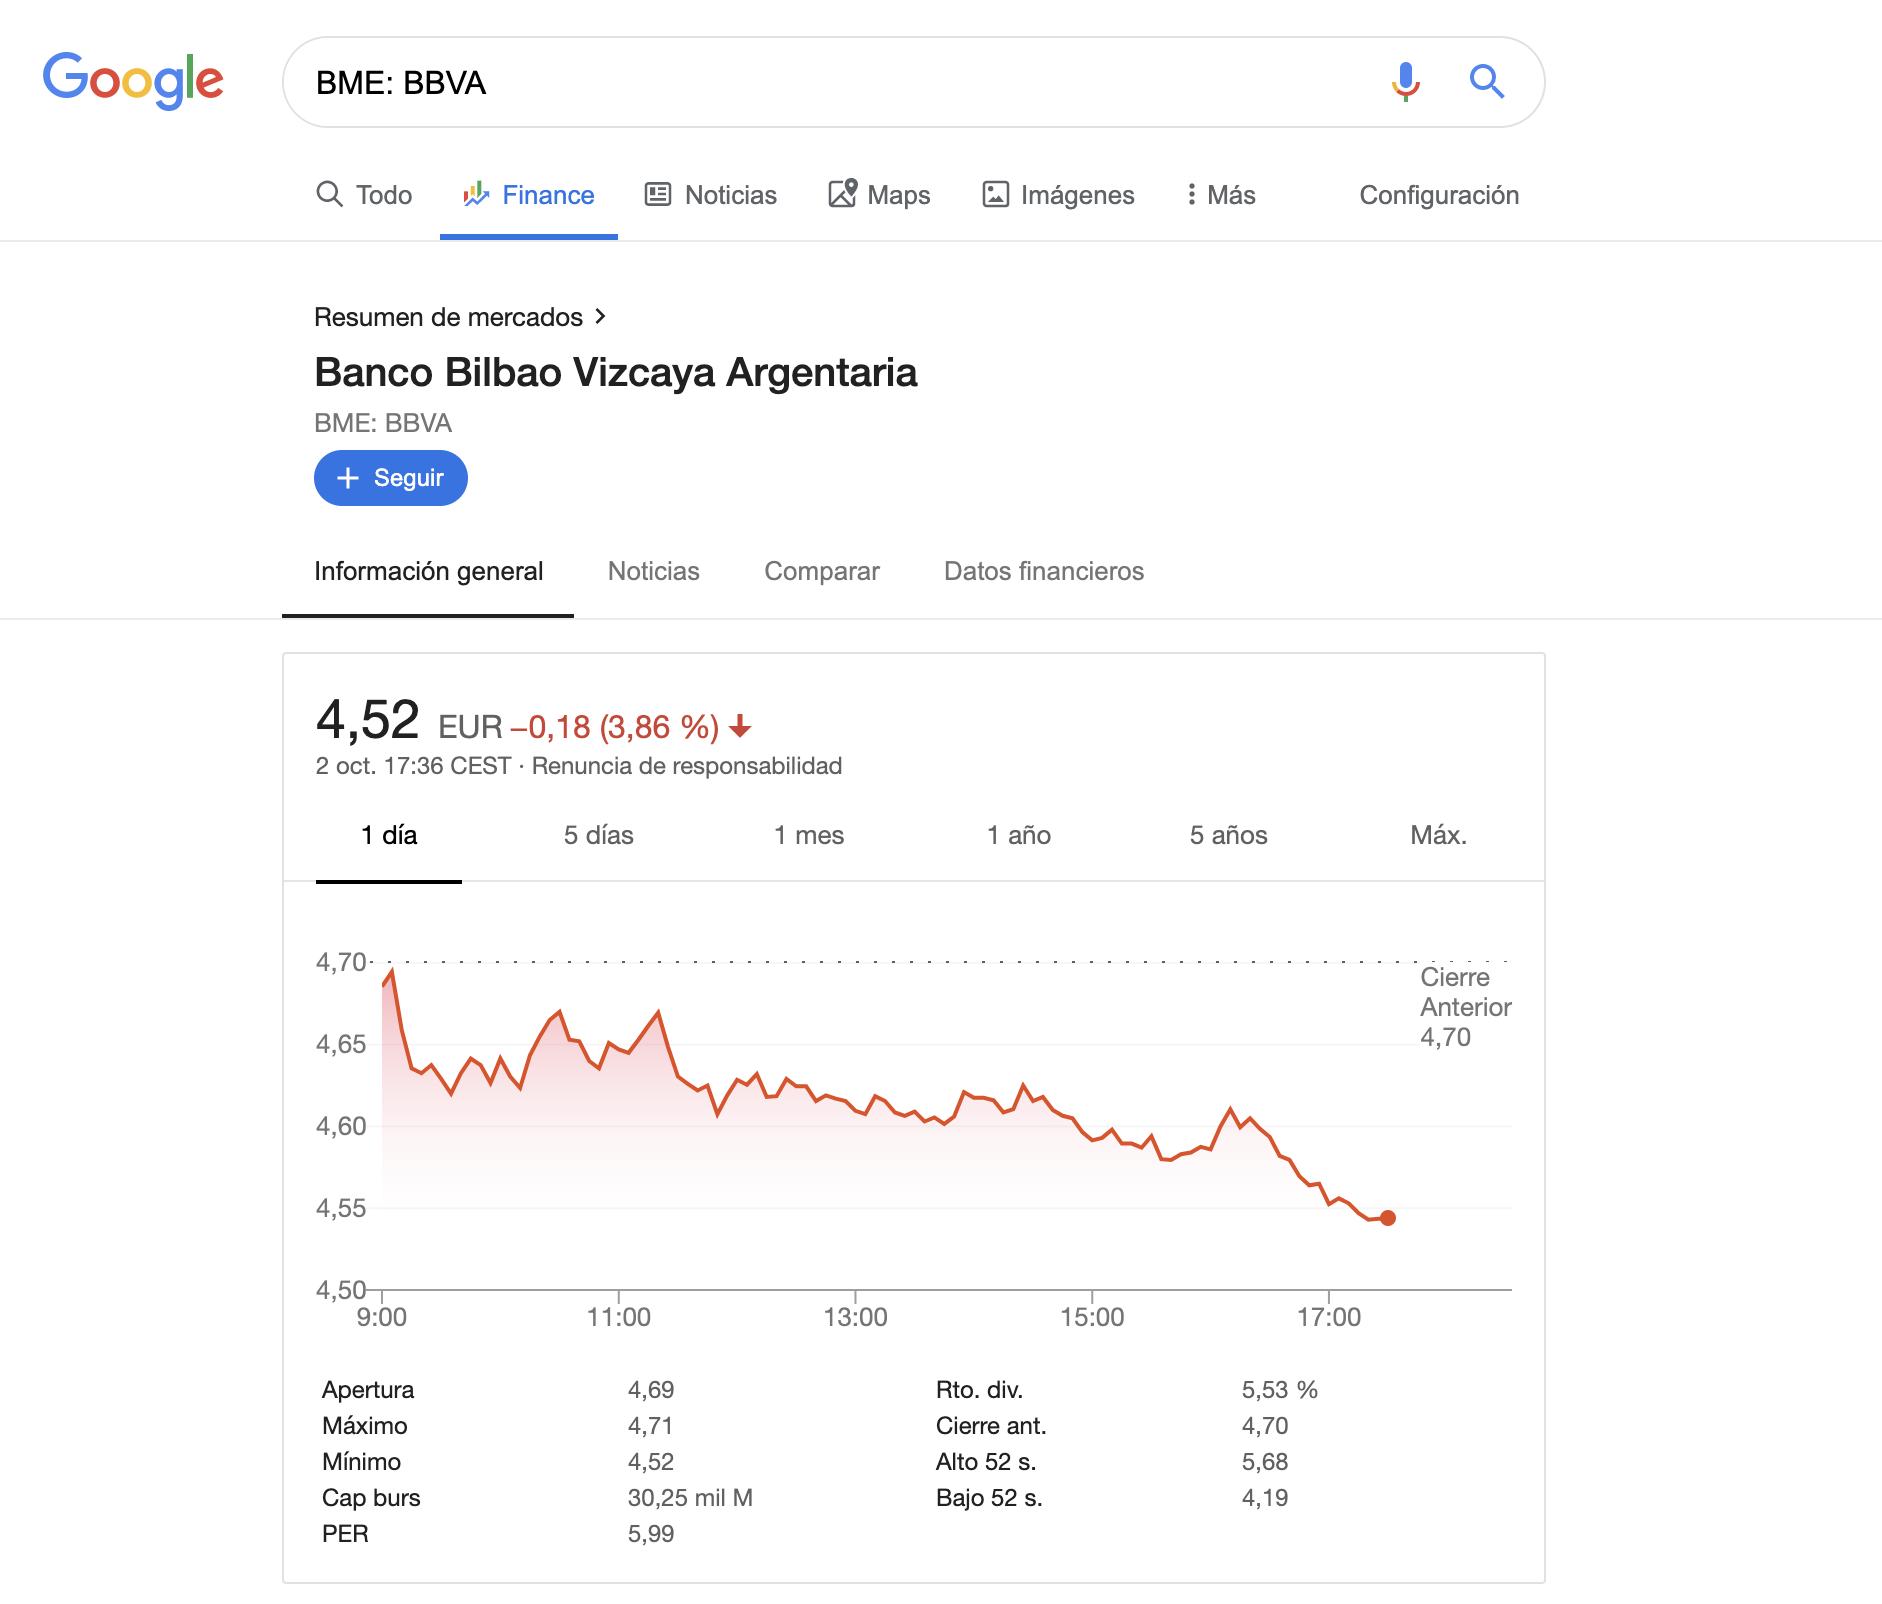 Búsqueda avanzada en Google - Finance